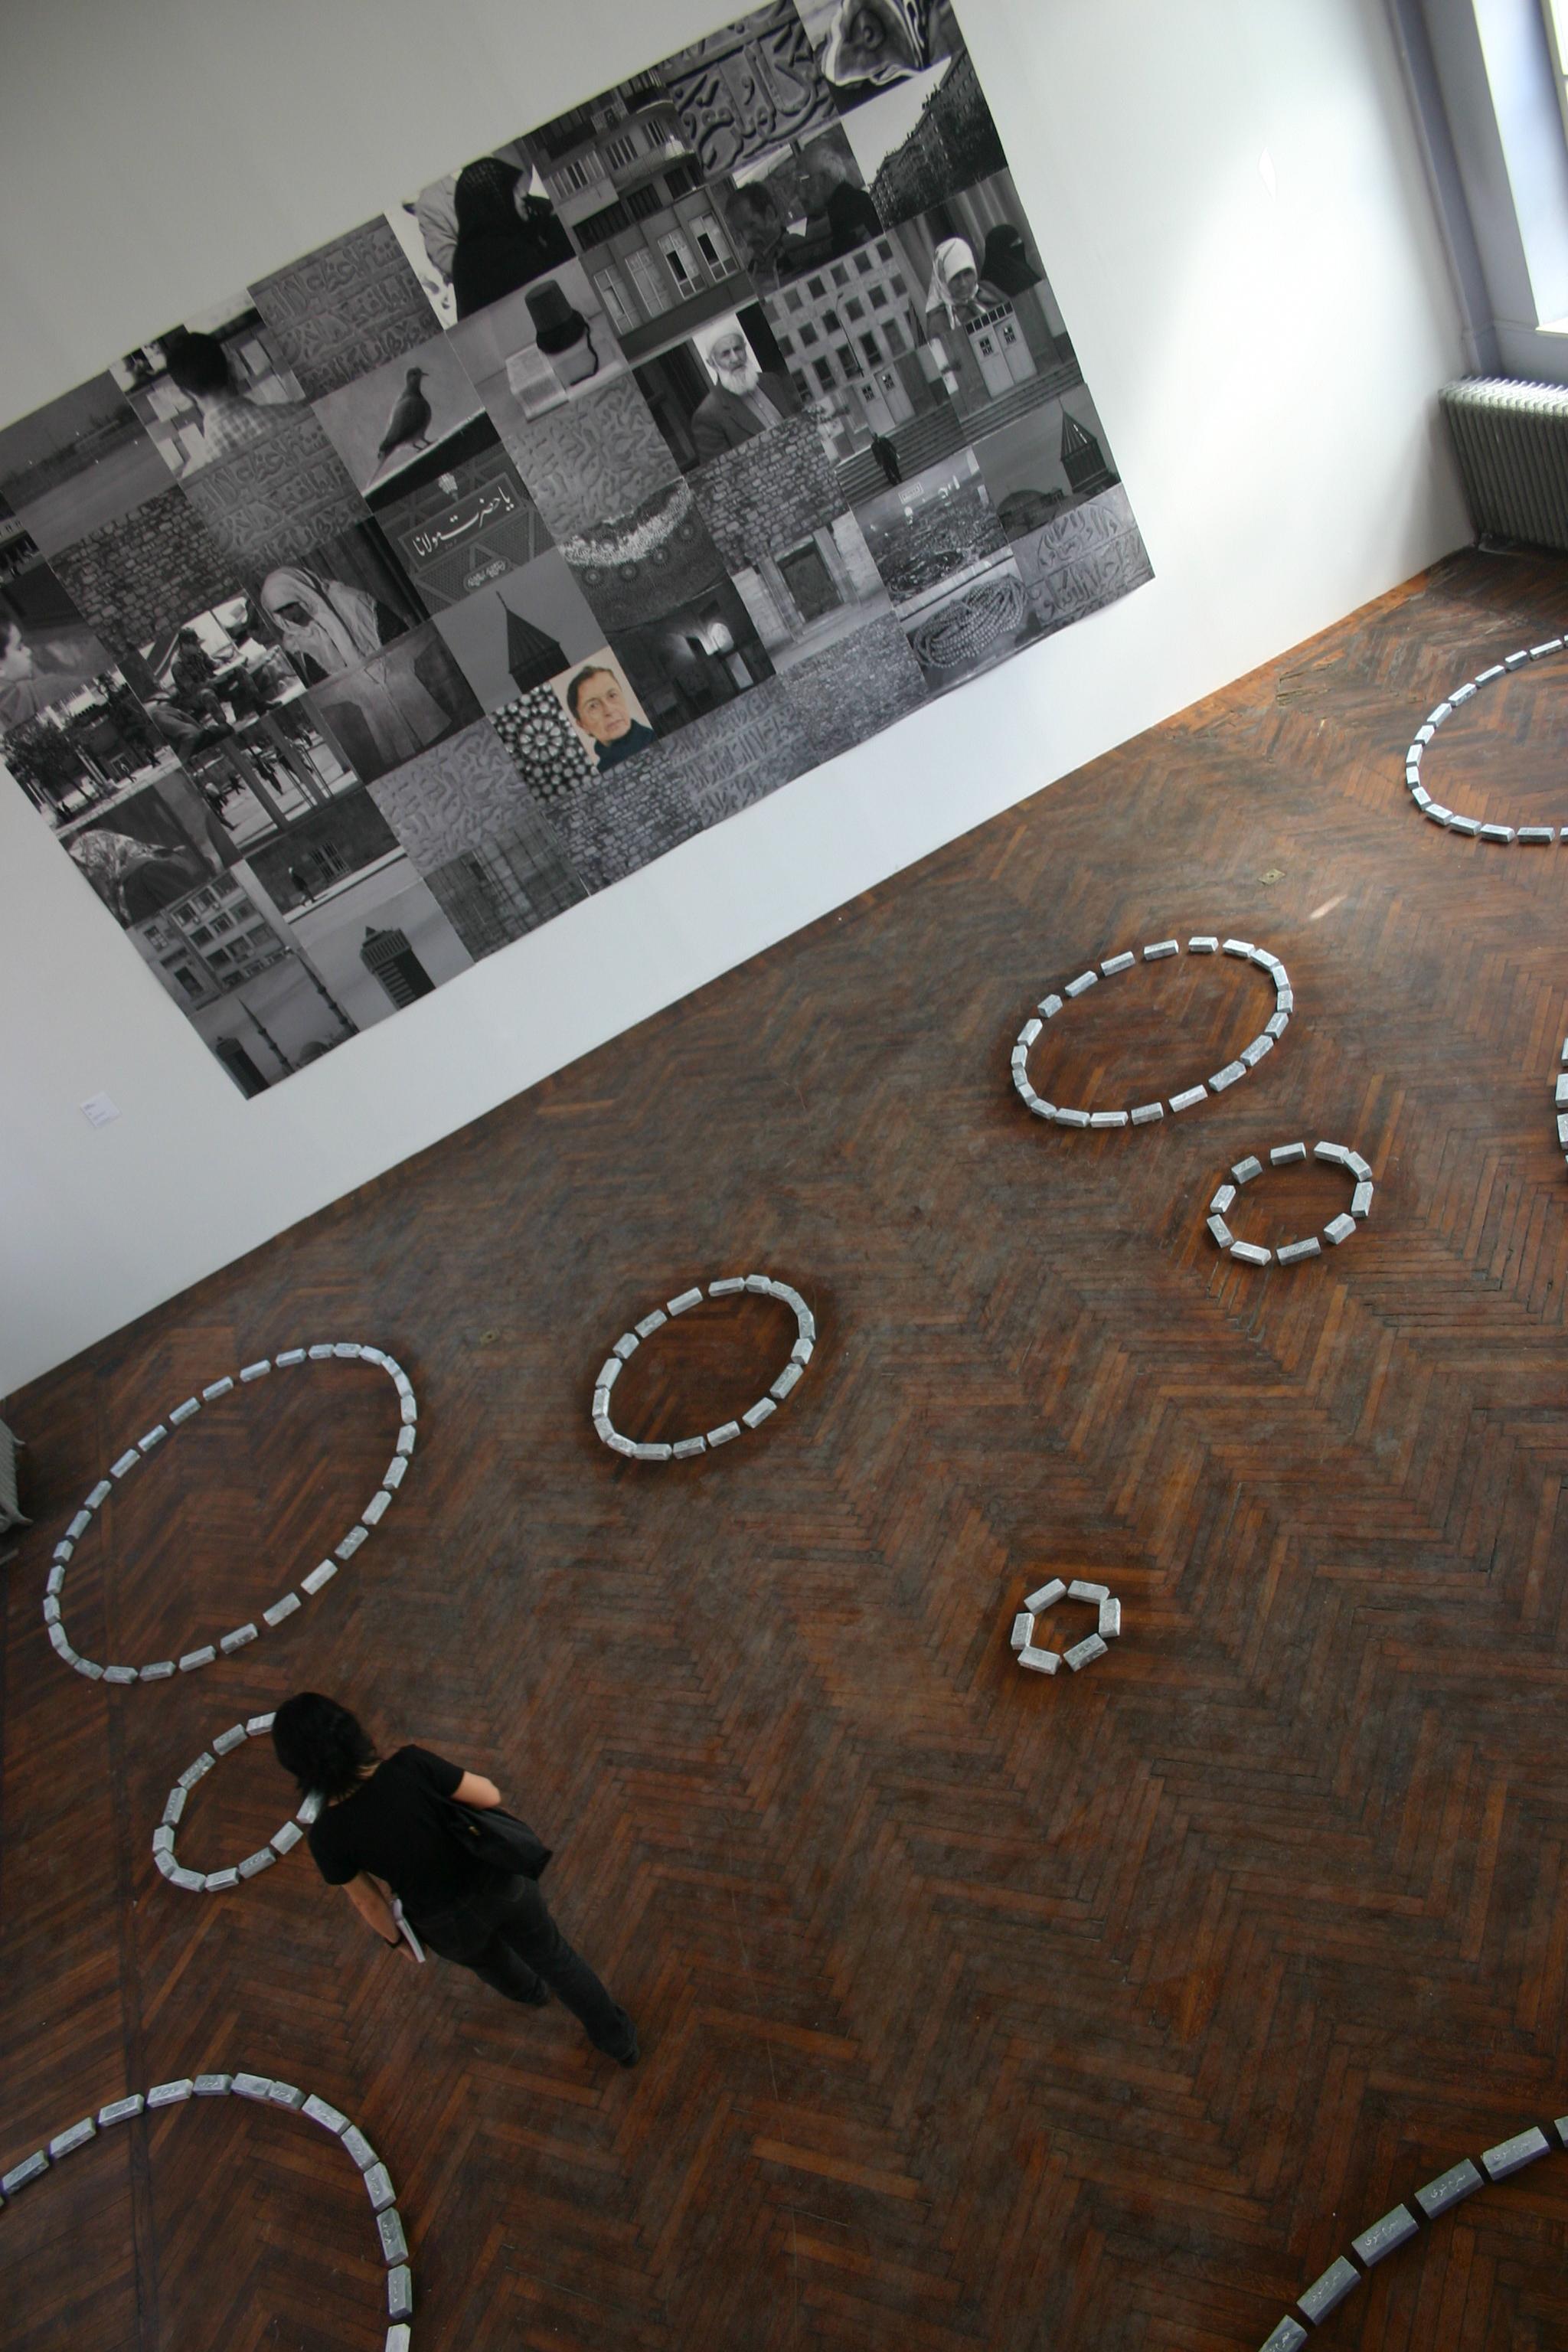 istanbul bienali vikipedi